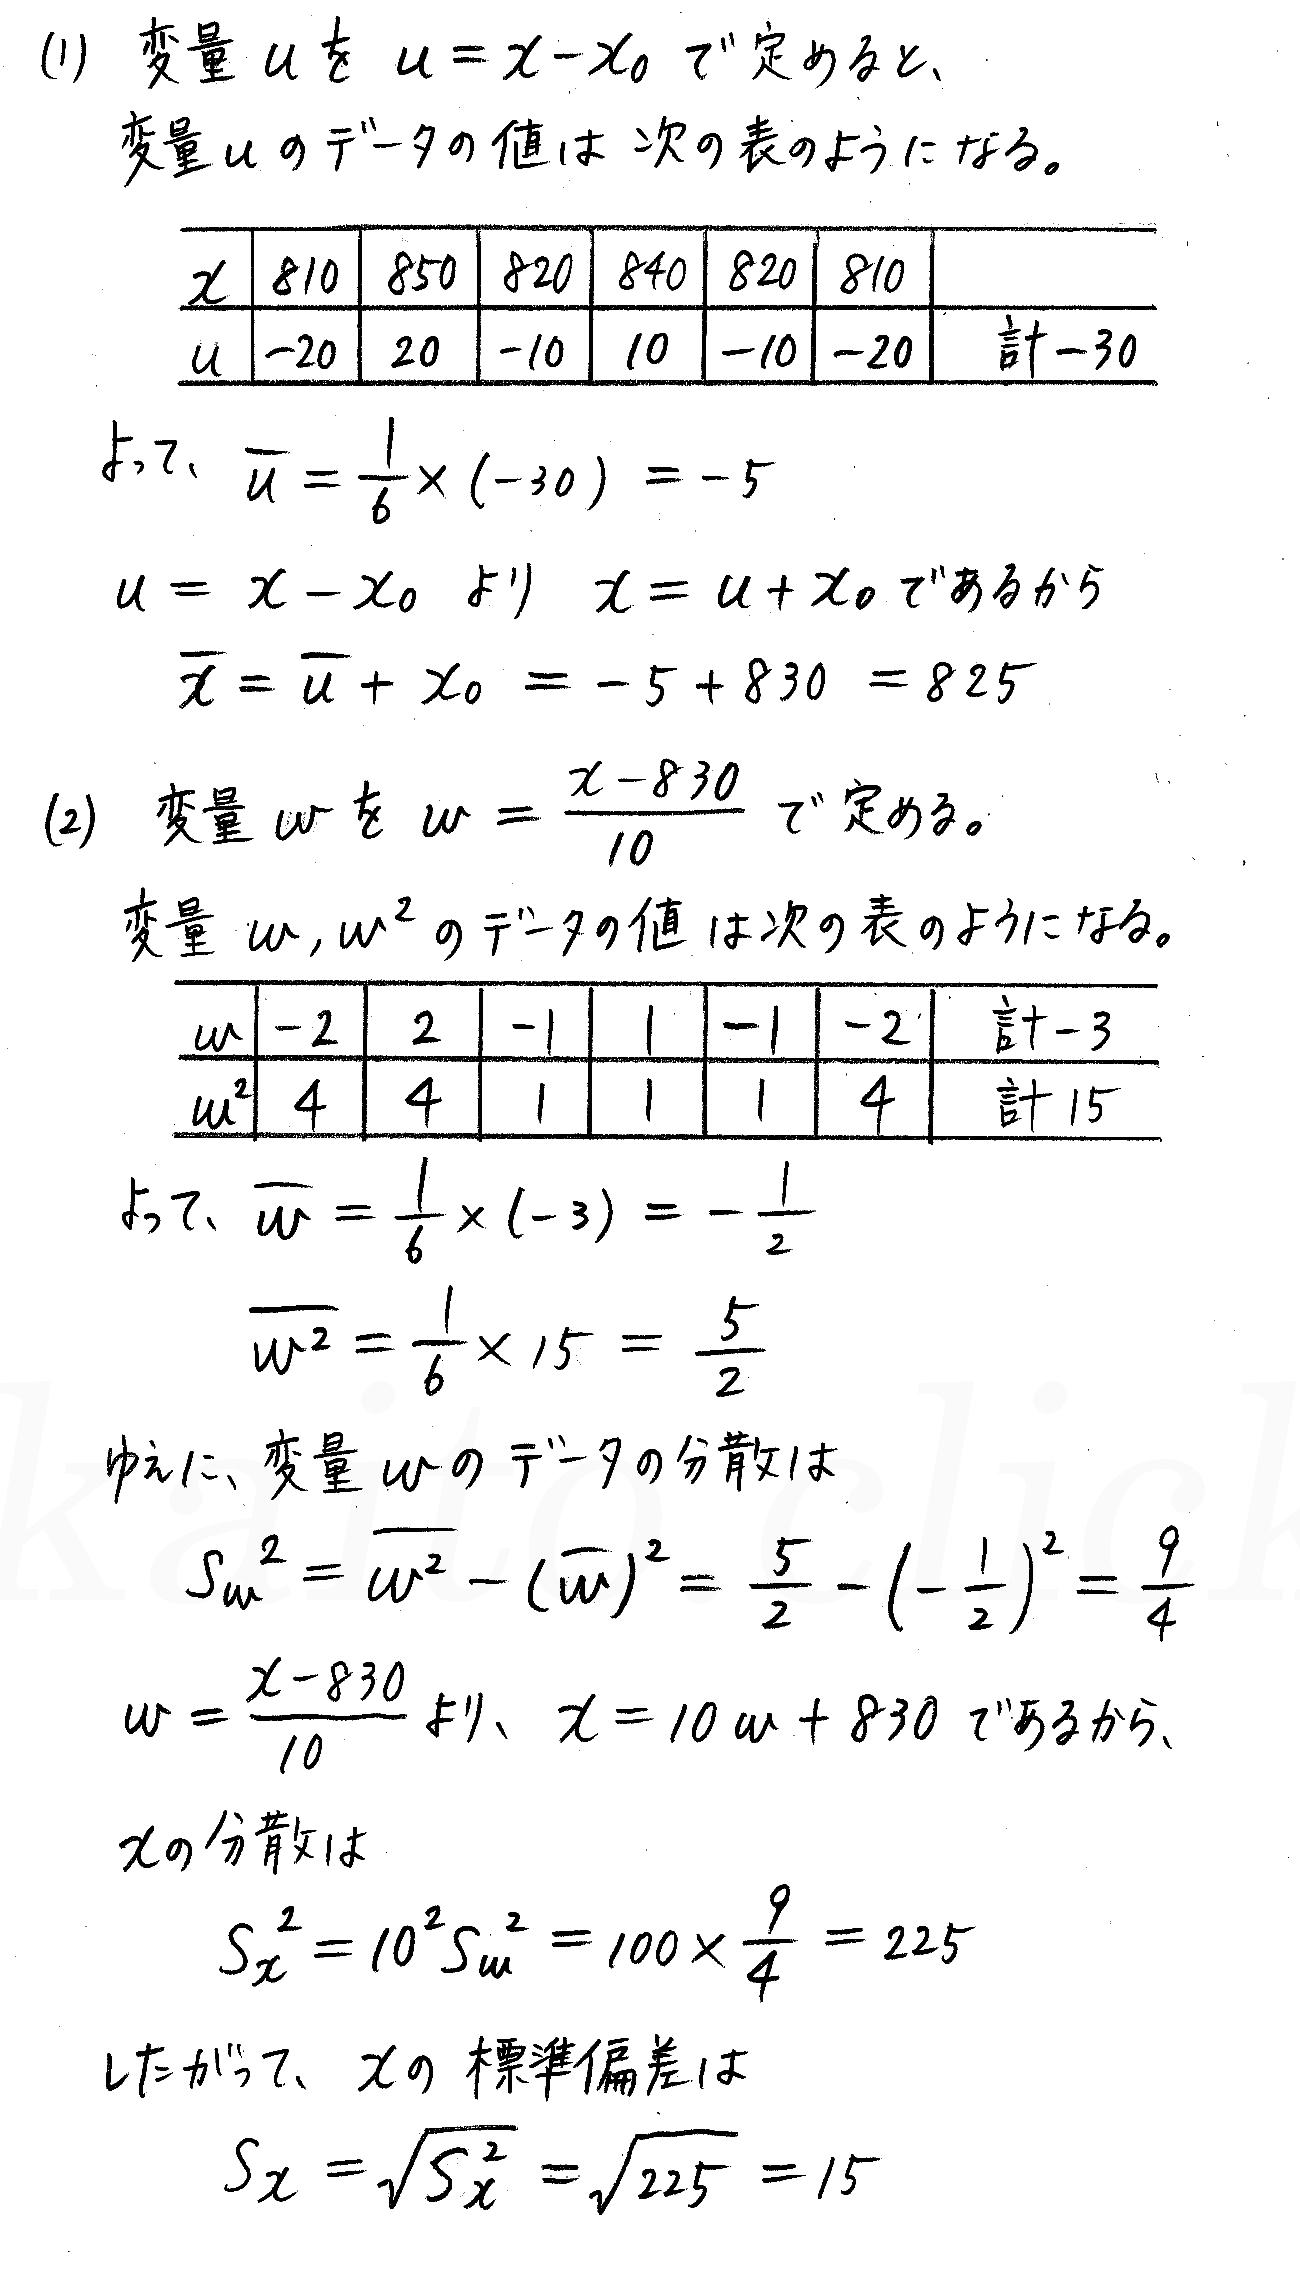 クリアー数学1-359解答